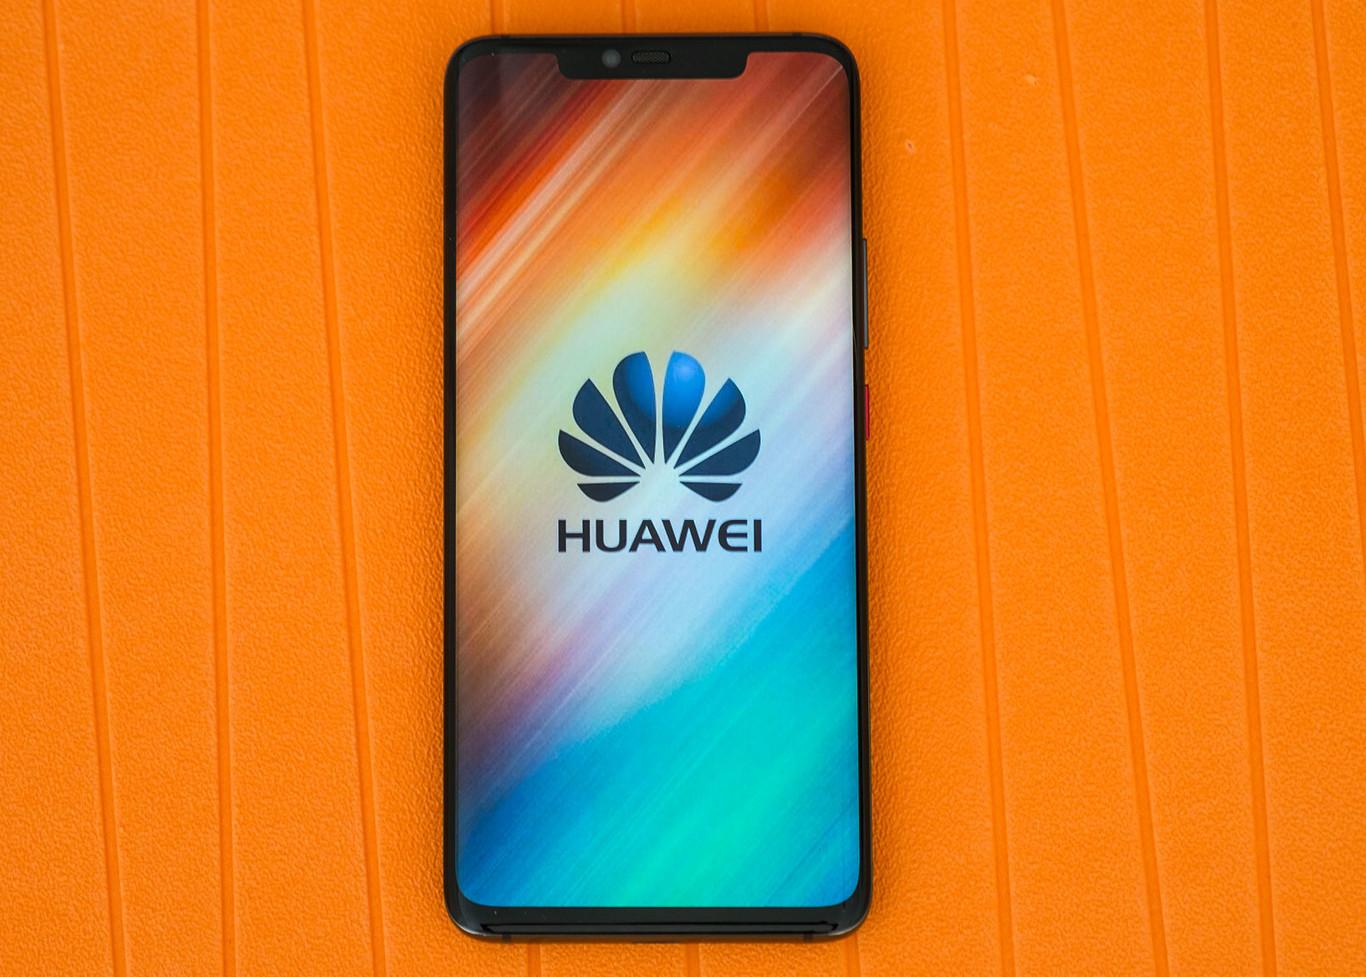 La situación de Huawei se relaja ligeramente: vuelve a varias asociaciones y su Mate 20 Pro a la beta de Android Q